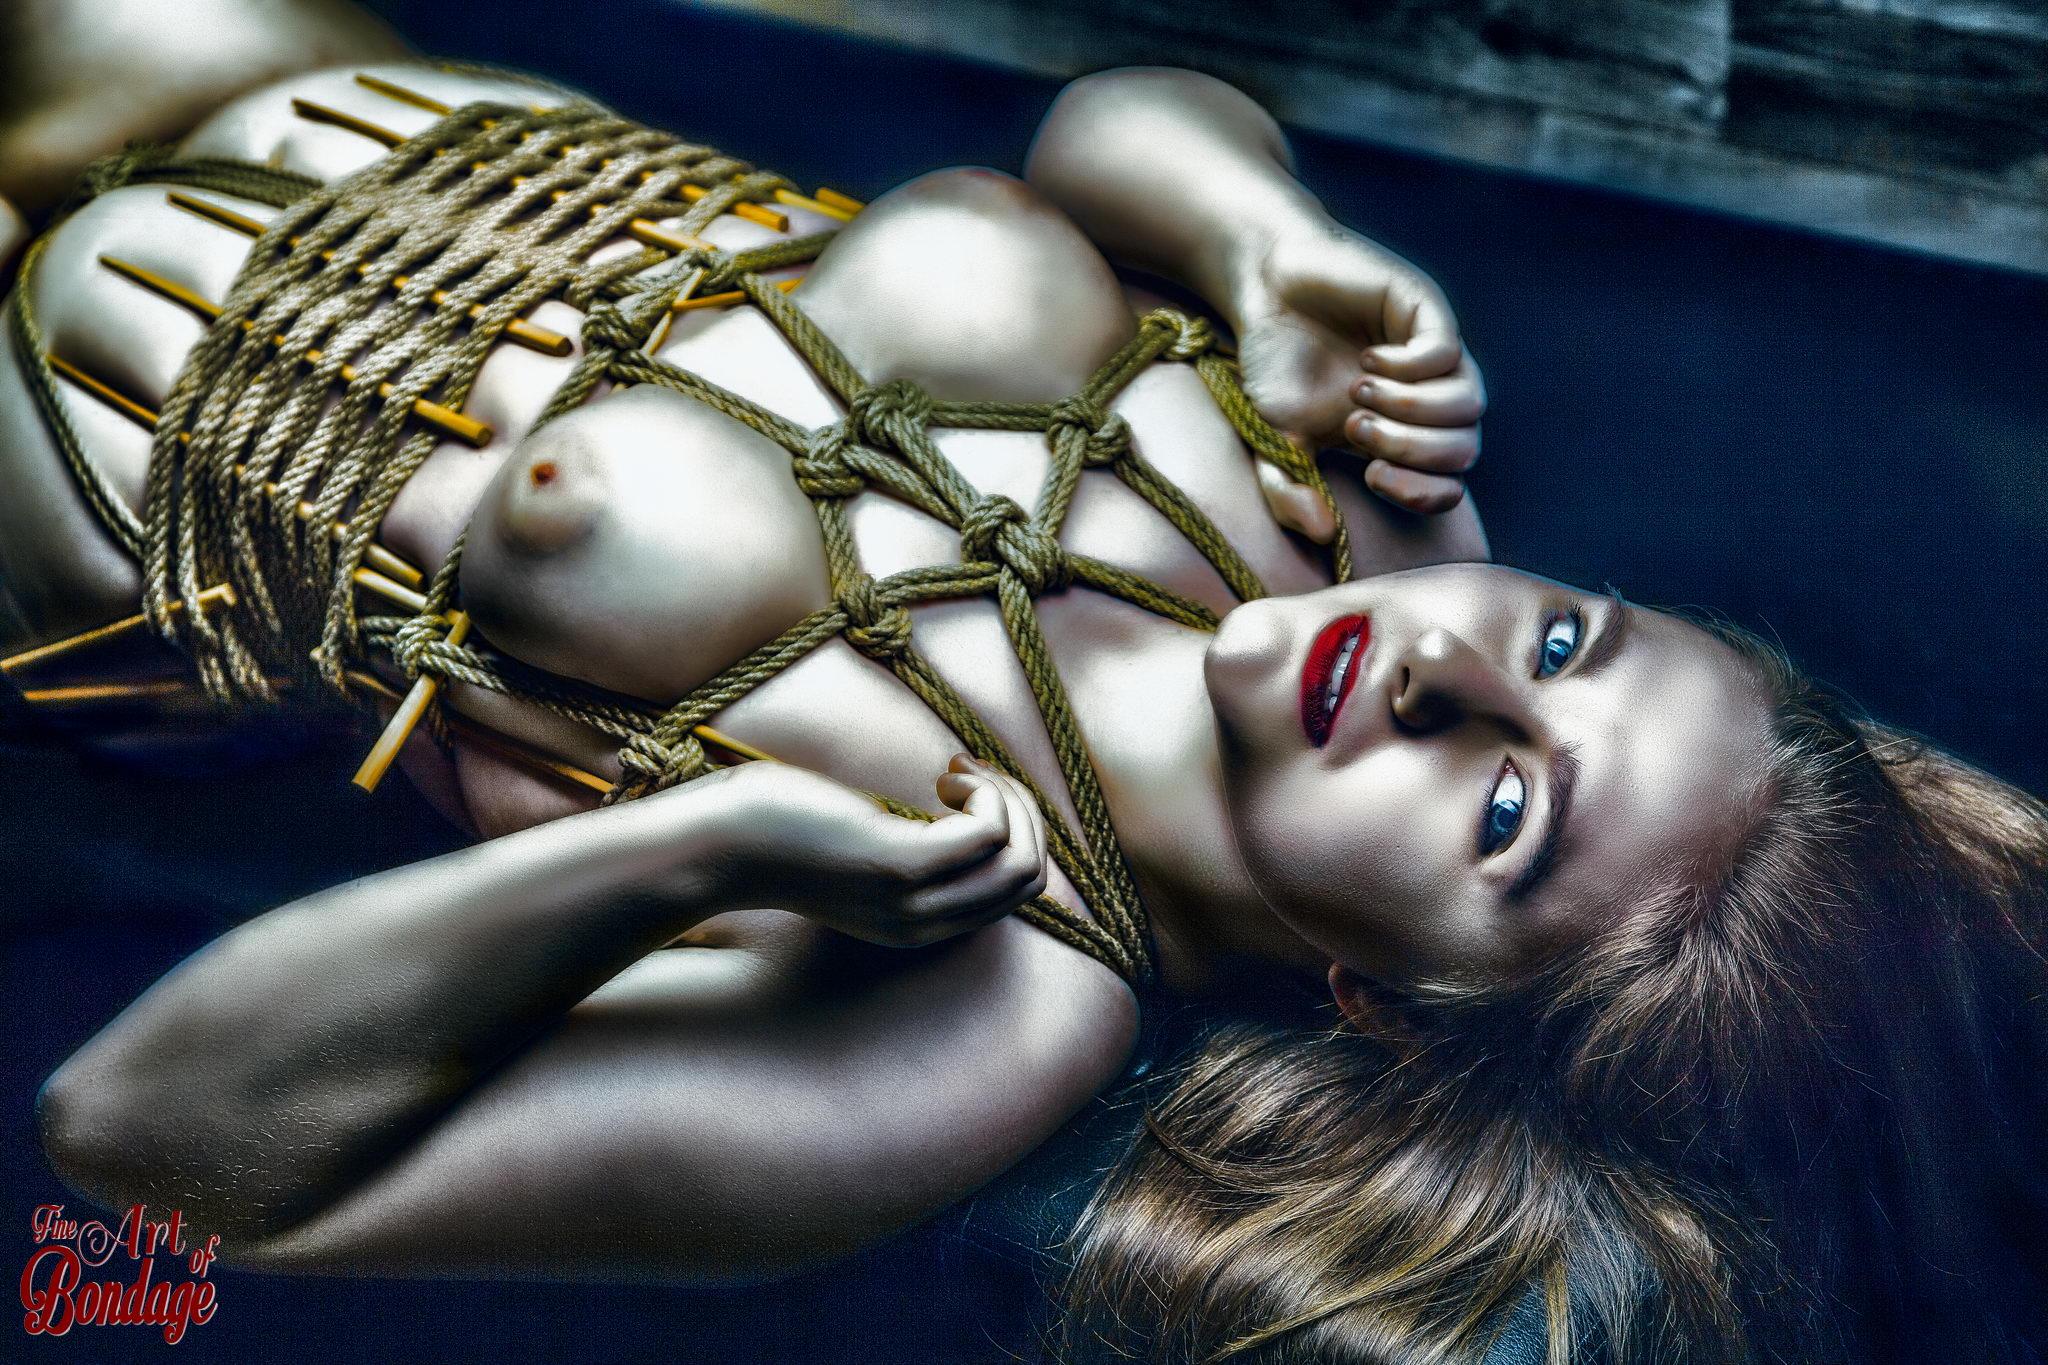 Rope bondage blog-2219